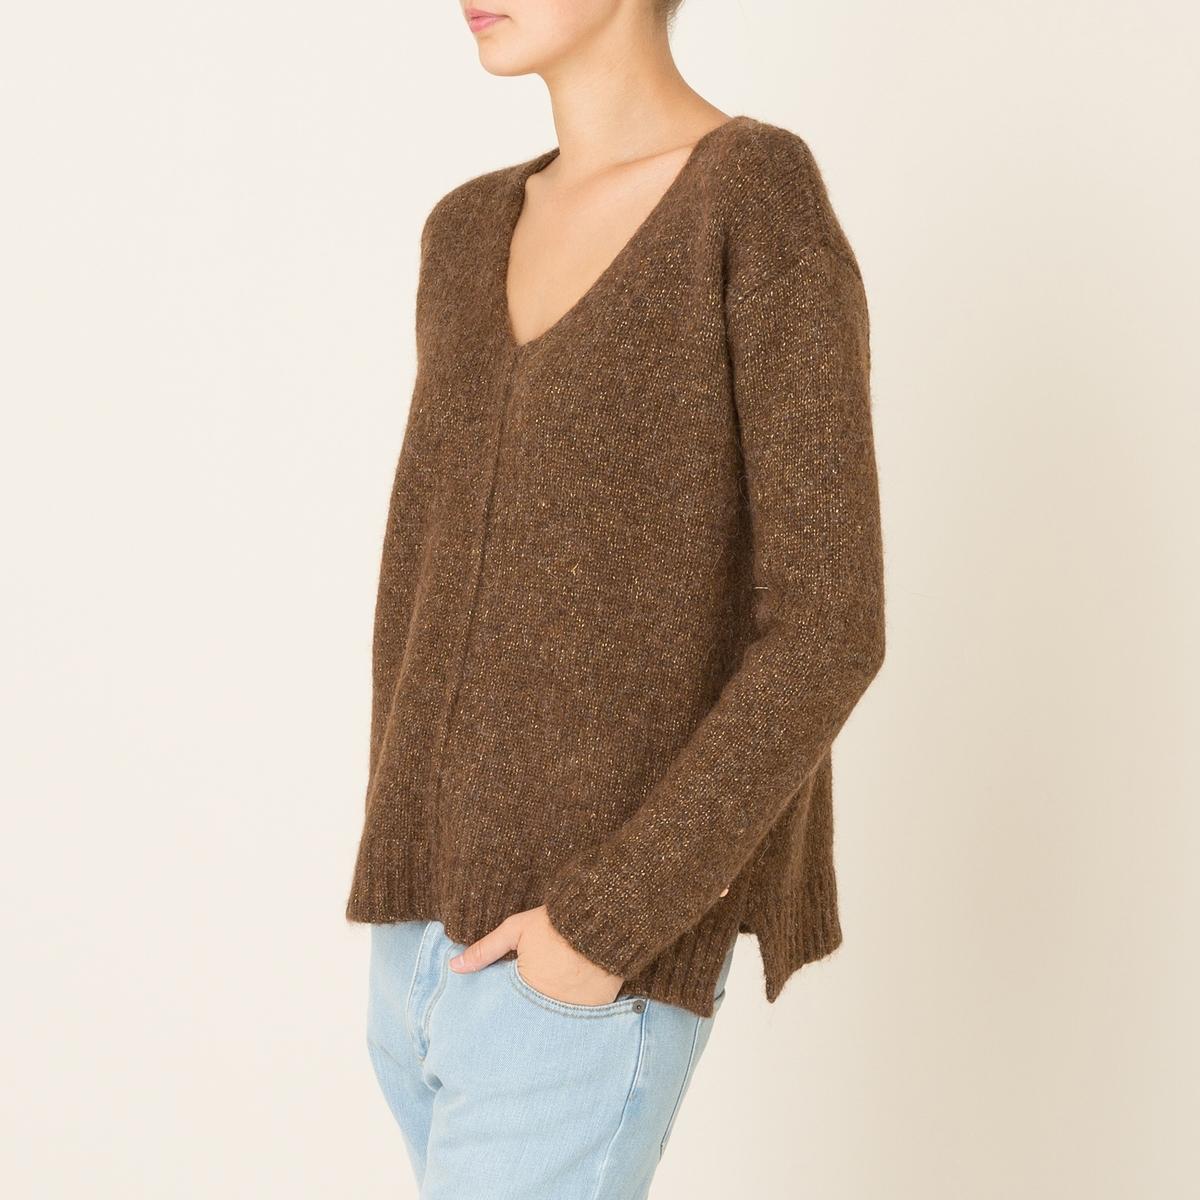 Пуловер TOREADORСостав и описание Материал : 32% полиамида, 30% мериносовой шерсти, 30% очень тонкой шерсти альпак, 8% полиэстераМарка : HARRIS WILSON<br><br>Цвет: темно-бежевый